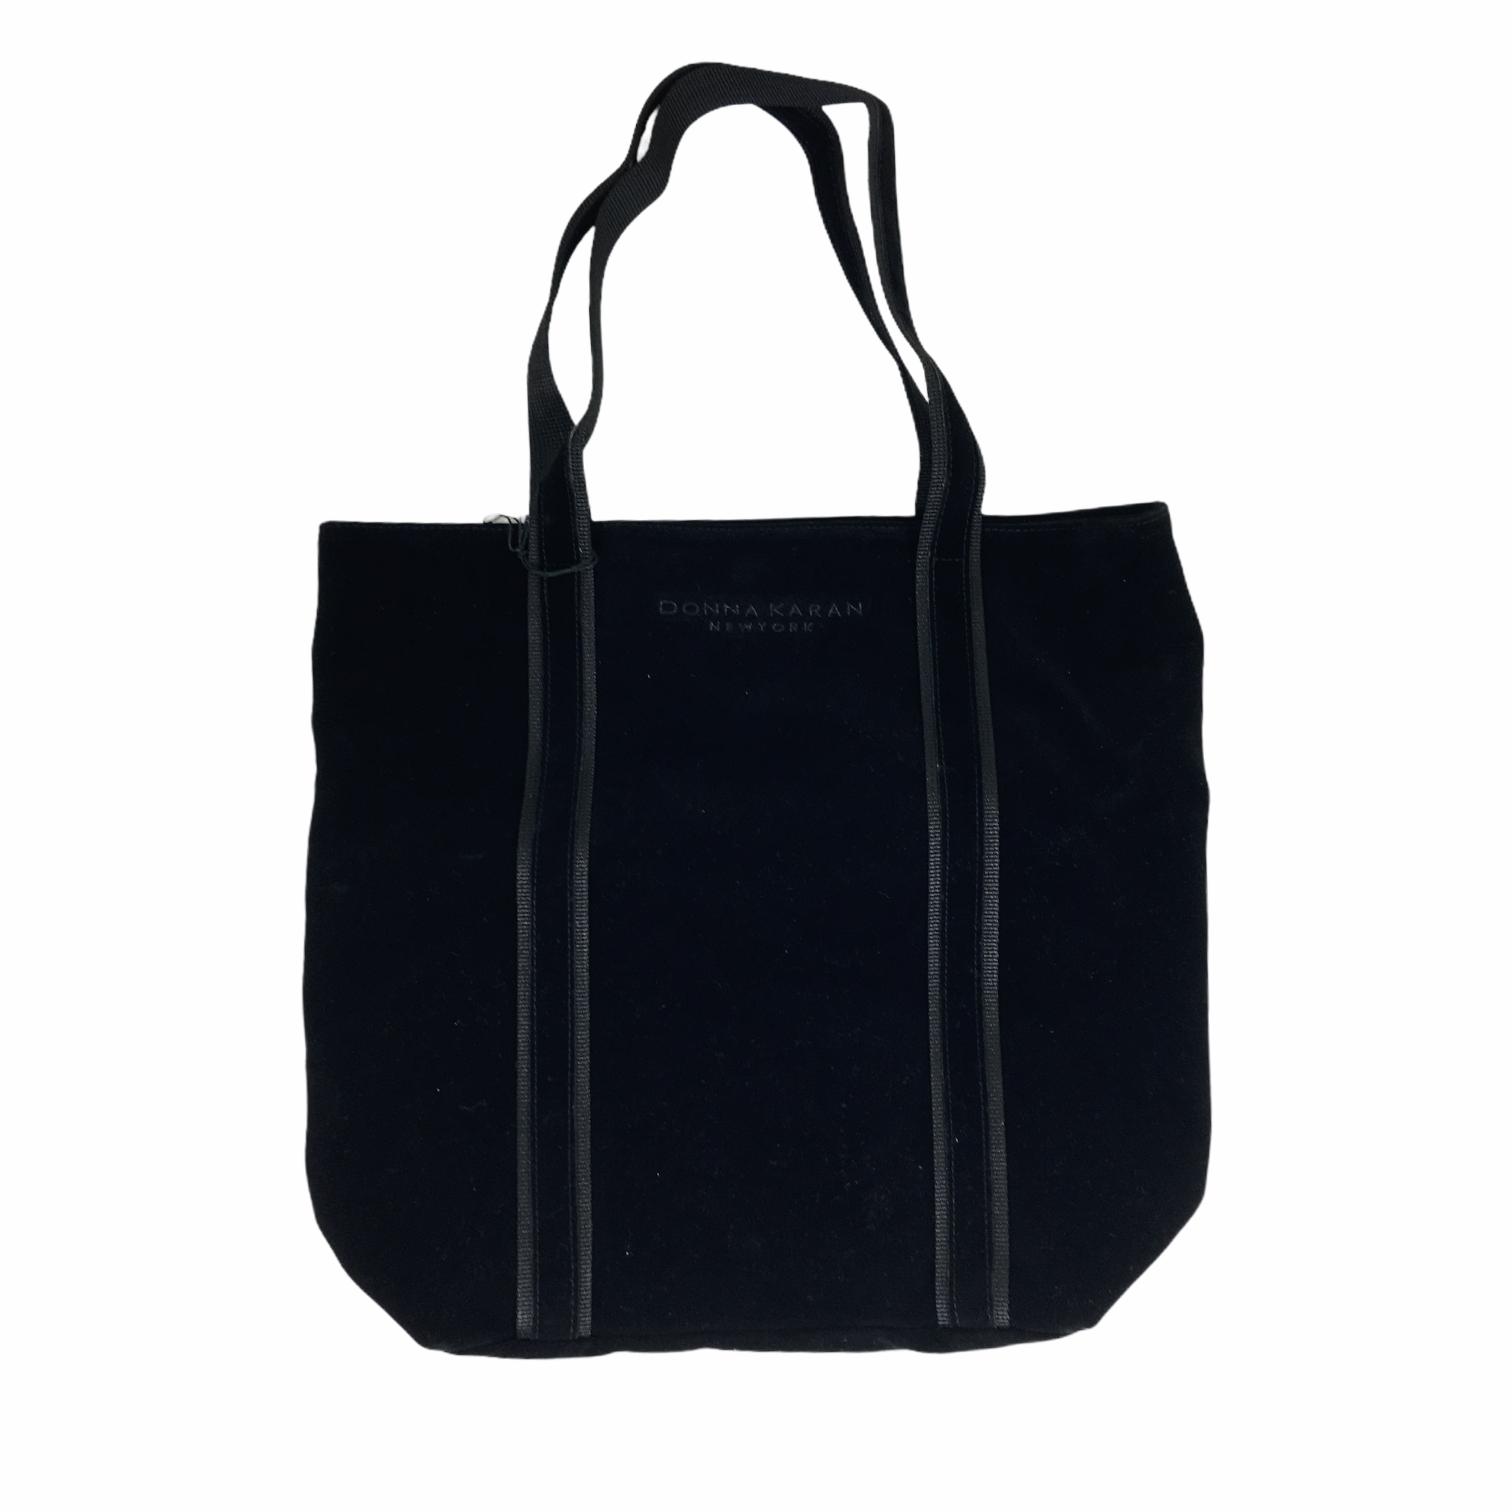 DKNY Velvet Shoulder Bag, Black, Size: Totes